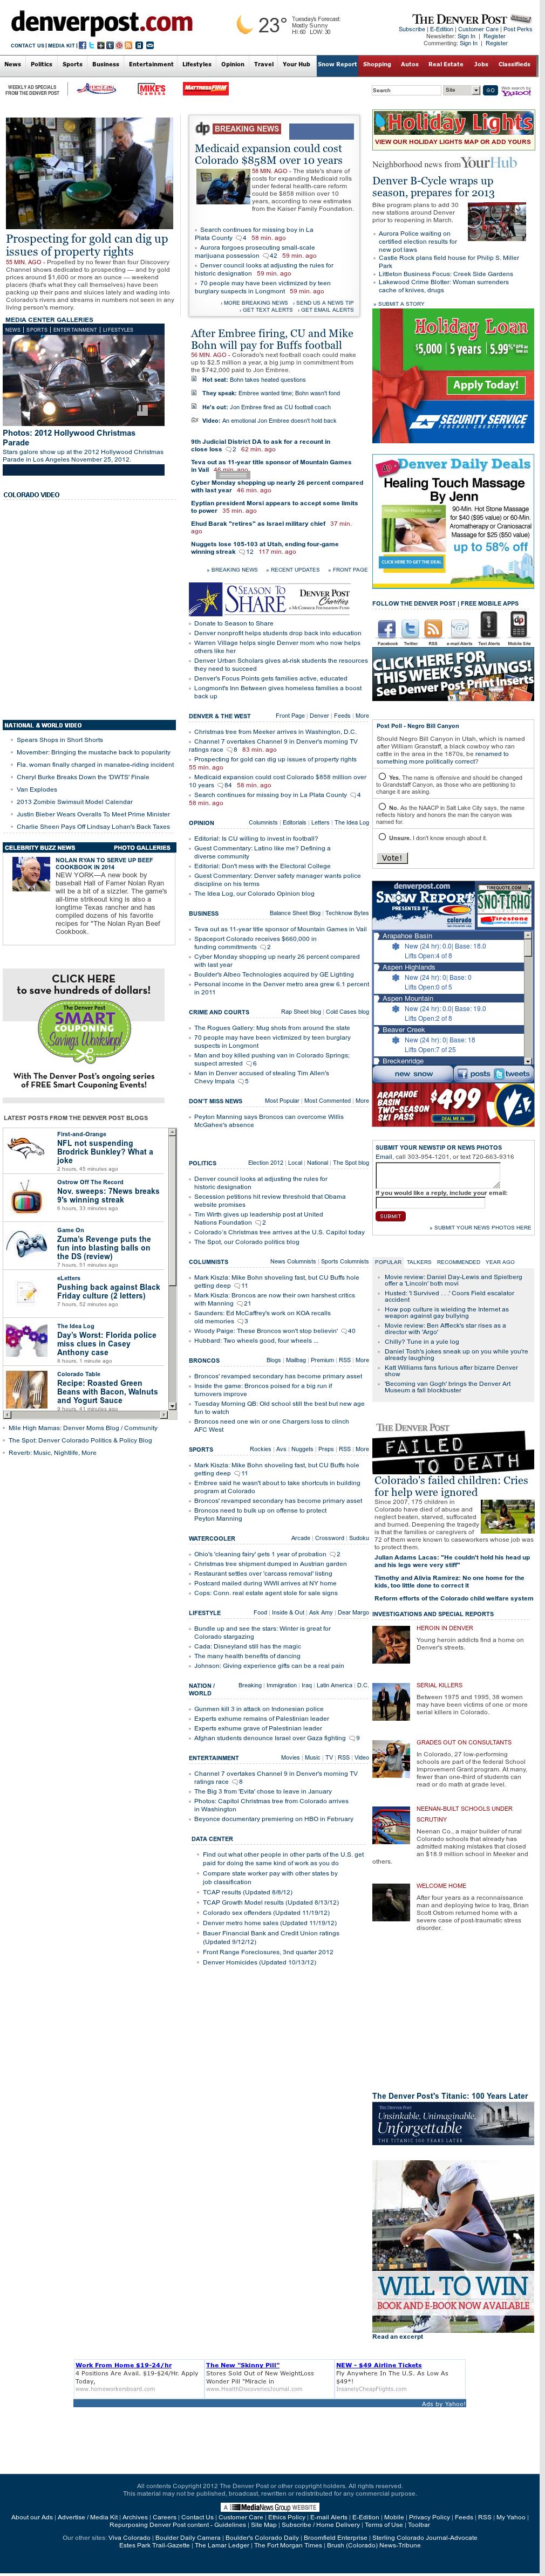 Denver Post at Tuesday Nov. 27, 2012, 8:06 a.m. UTC